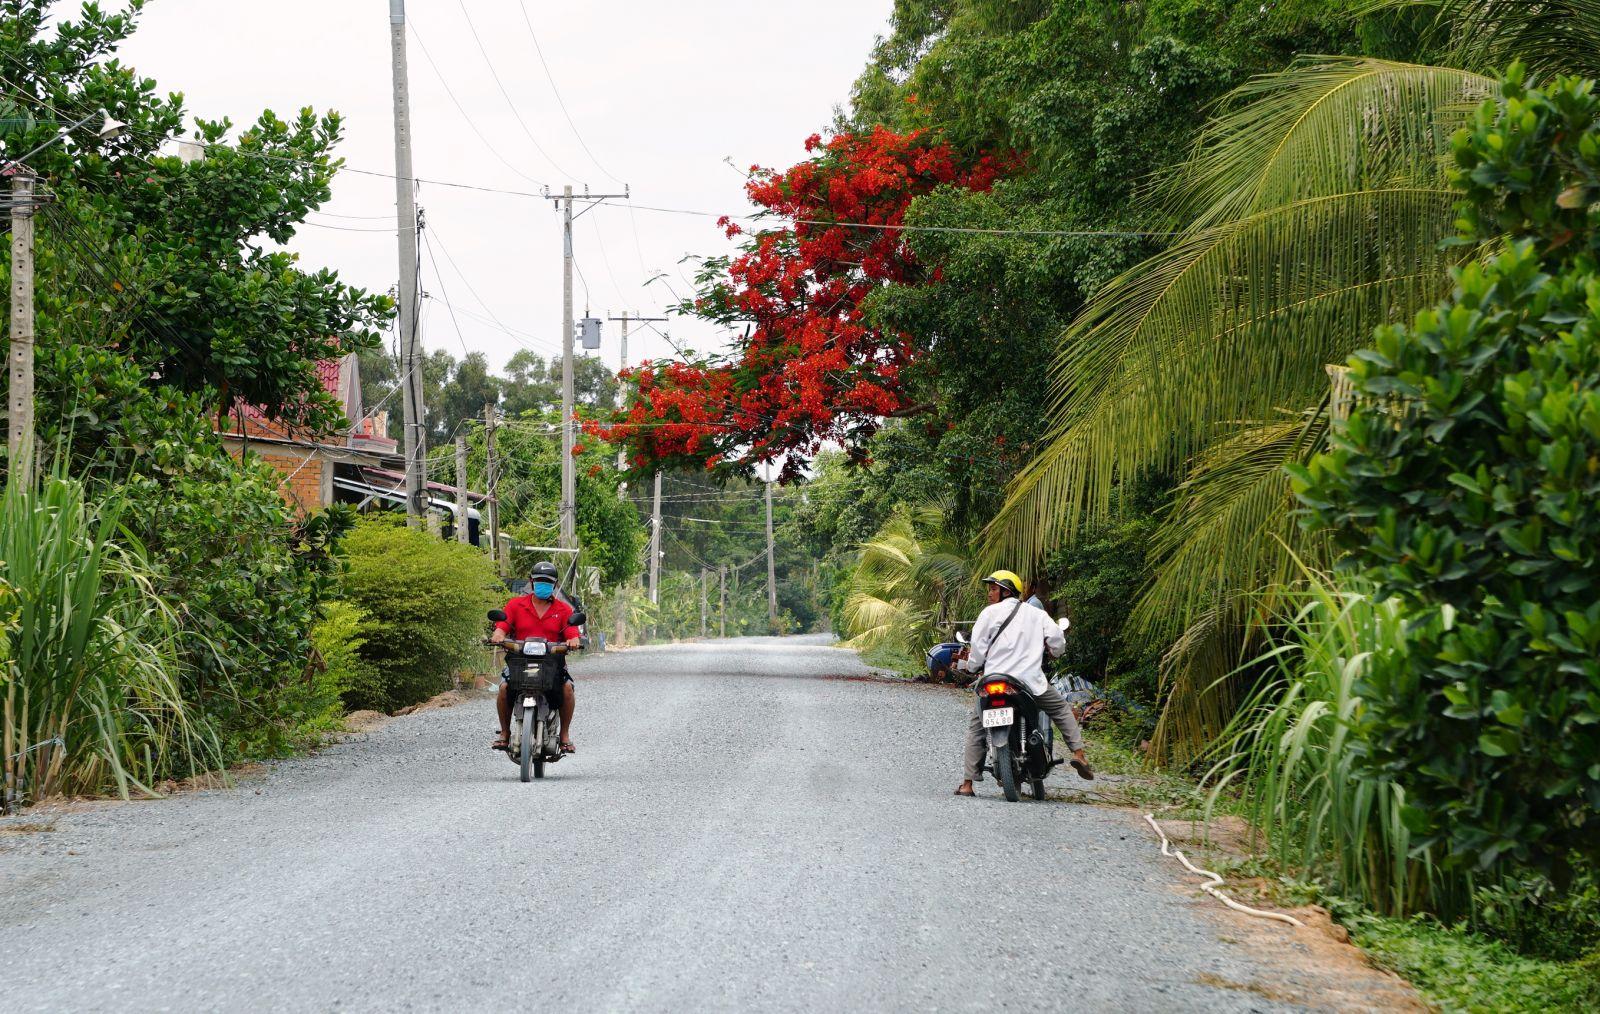 The road along Bang Lang canal is asphalted